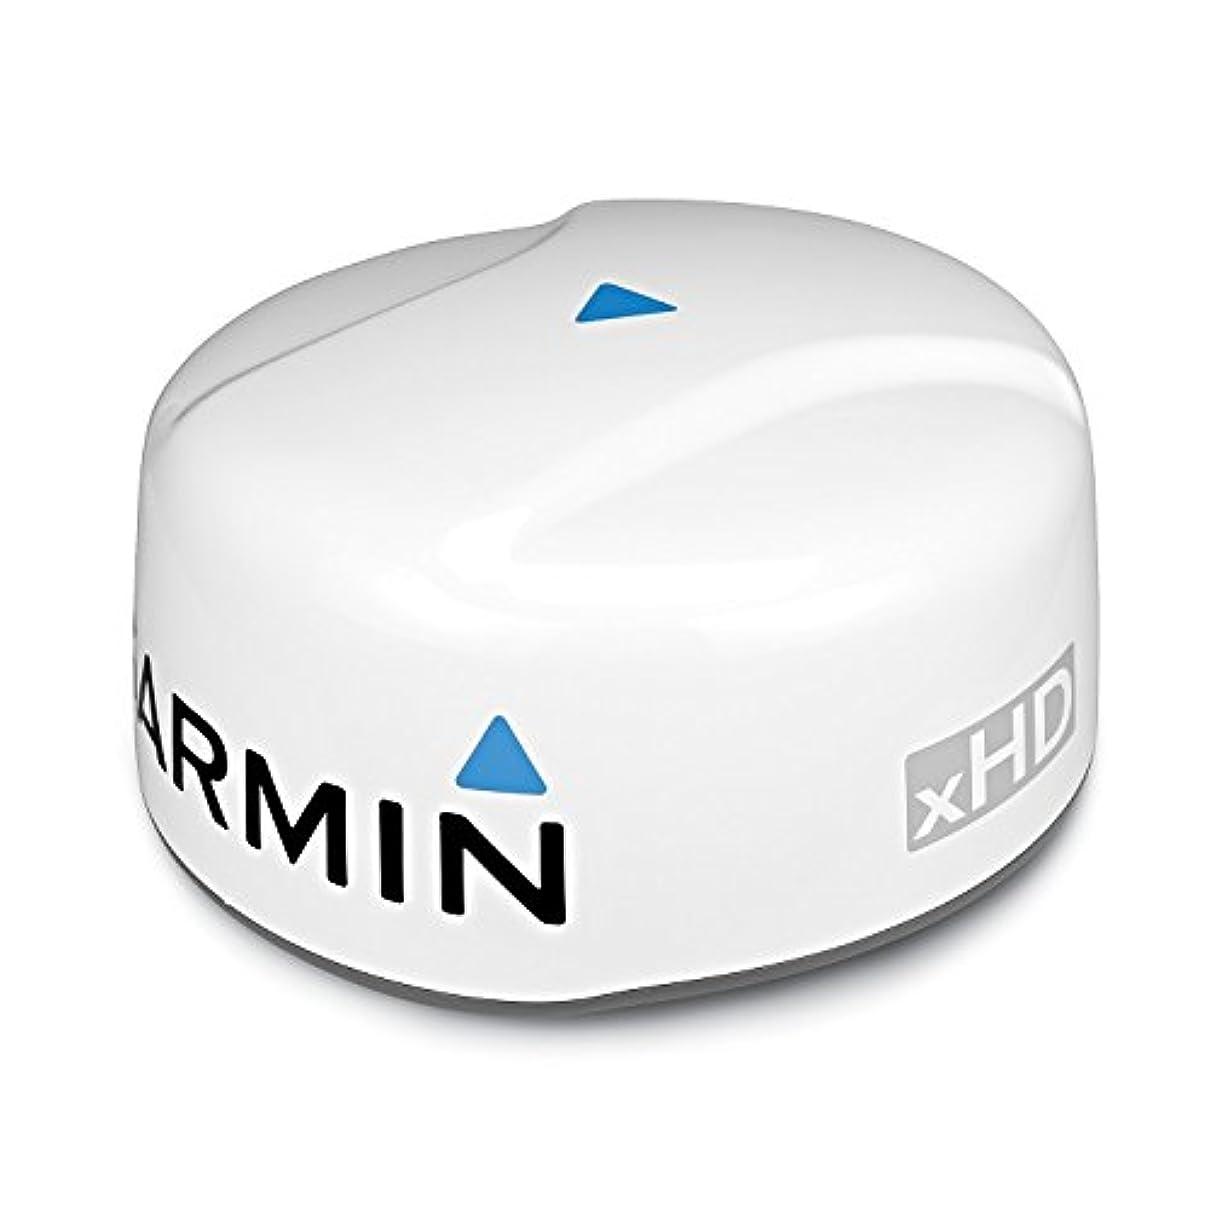 看板ギャップ音声010-00959-00 Garmin GMR 18 xHD Radar with 15m Cable